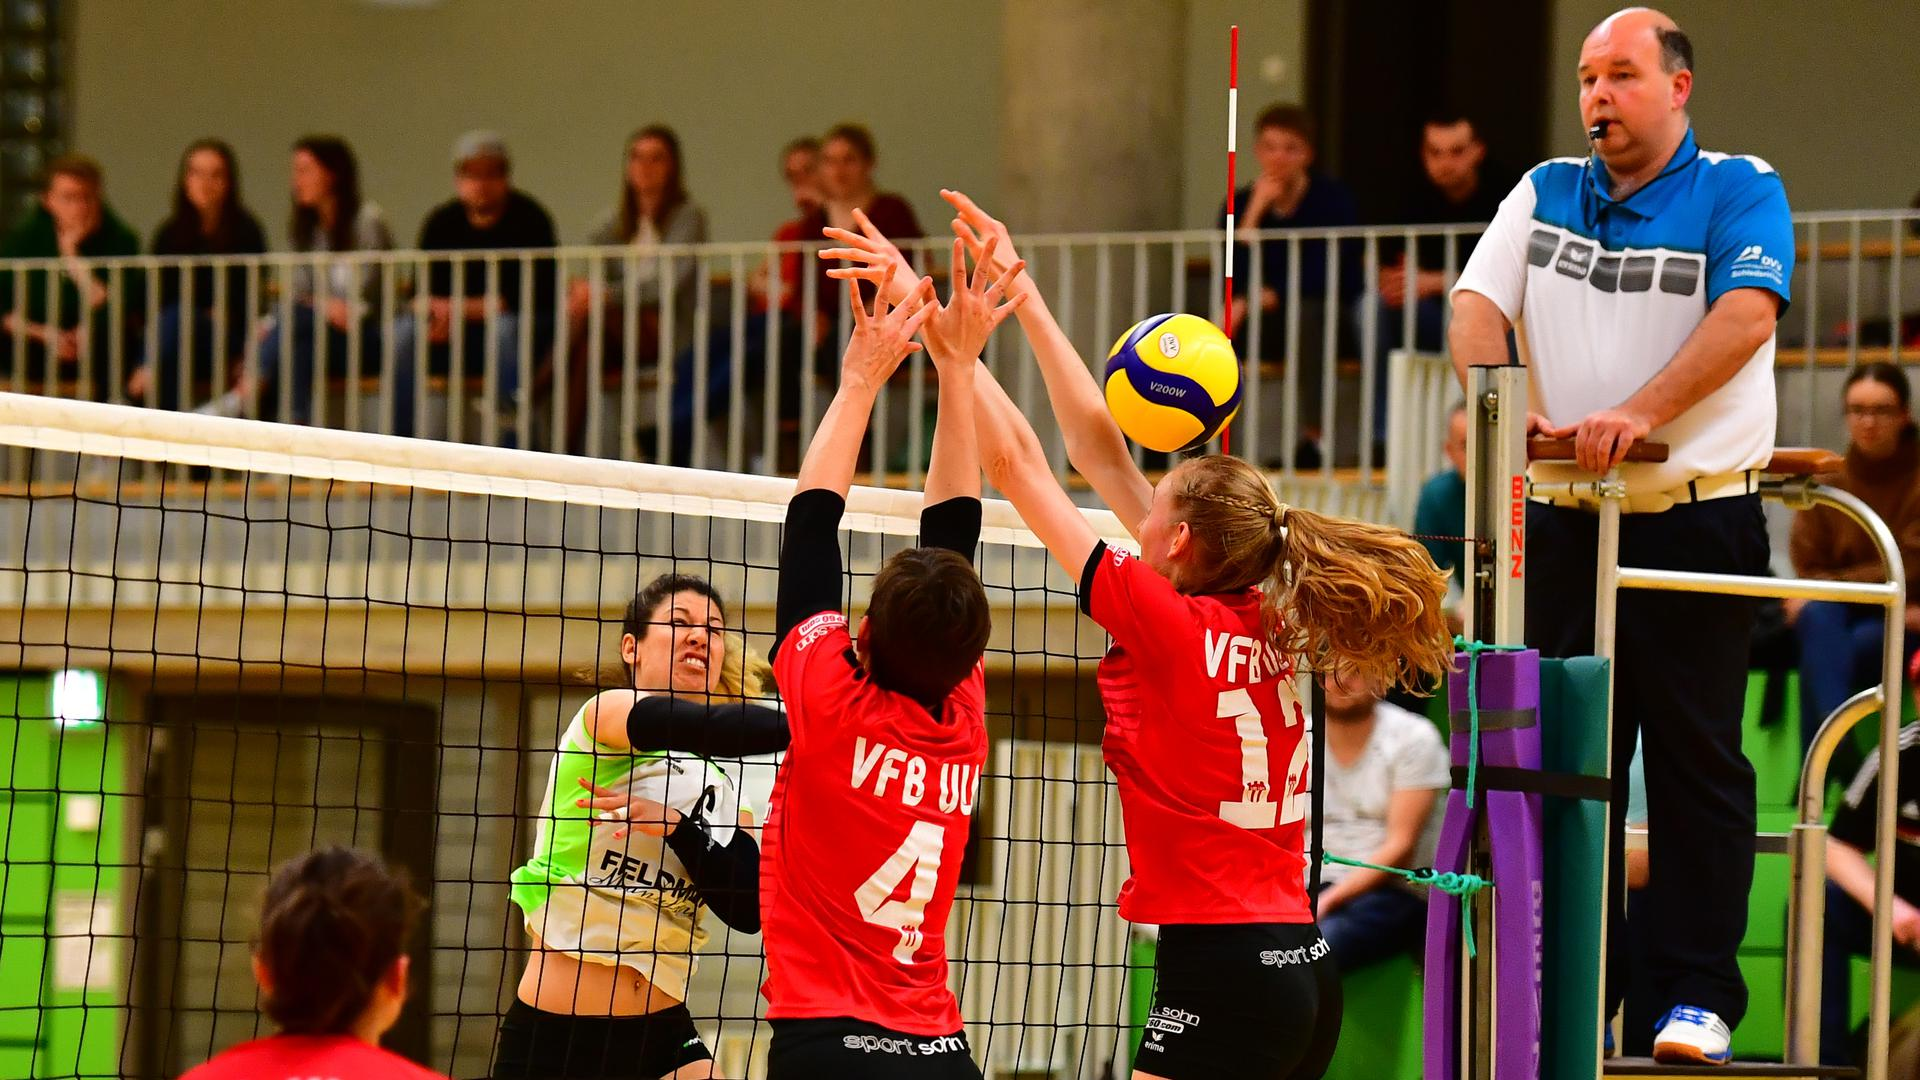 vl Mara Schreiber (Ulm),  Vanessa Reich (SV Beiertheim), Marina Maier und Amelie Stooss (beide Ulm)  GES/ Volleyball/ 3.Liga: SV KA-Beiertheim - VfB Ulm, 01.02.2020